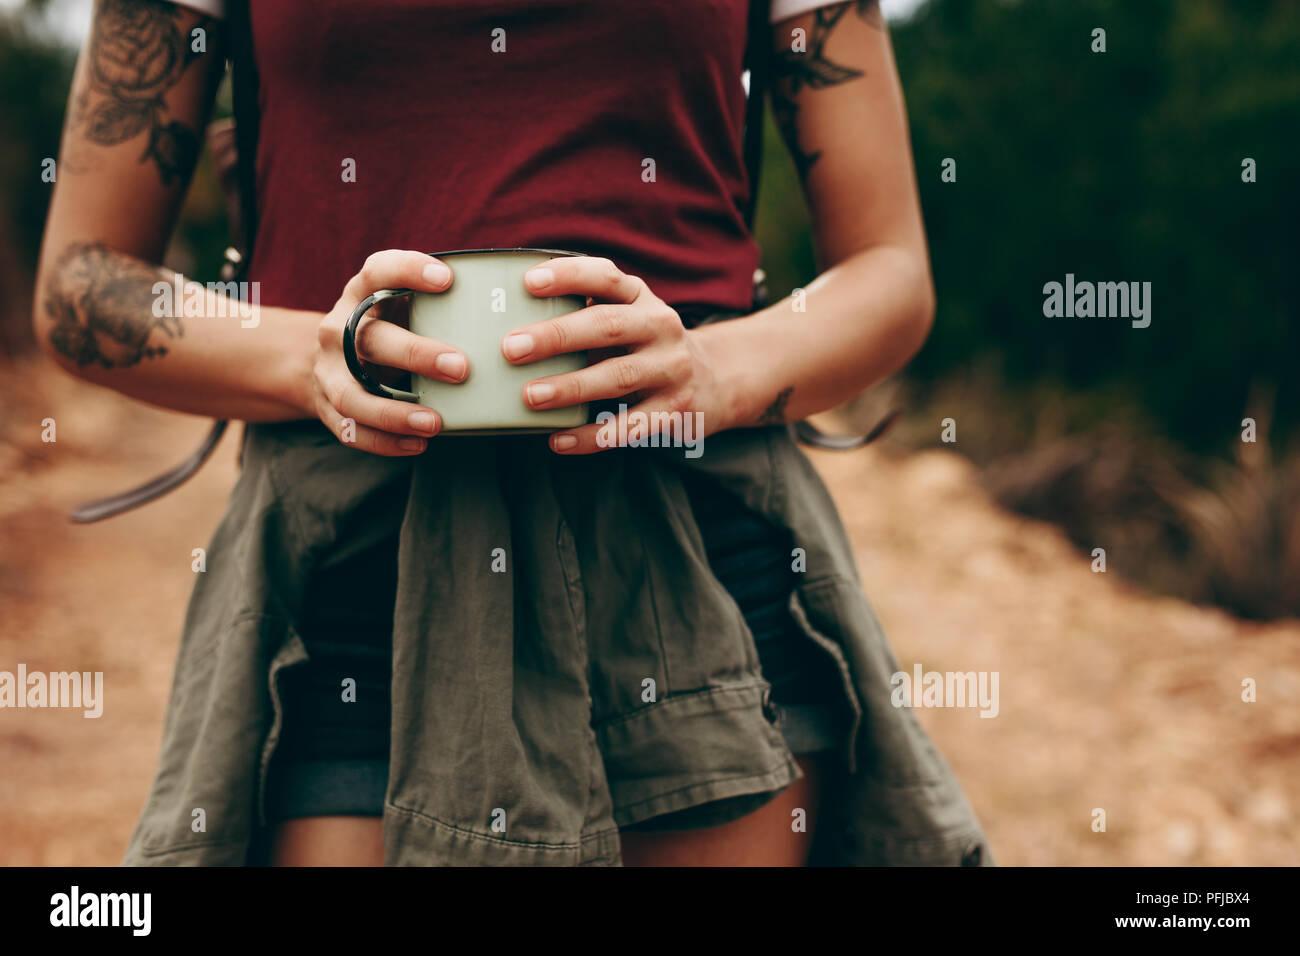 Cerca de la parte media de un viajero mujer sosteniendo el café taza con ambas manos. Mujer de vacaciones caminando a través de un bosque. Imagen De Stock